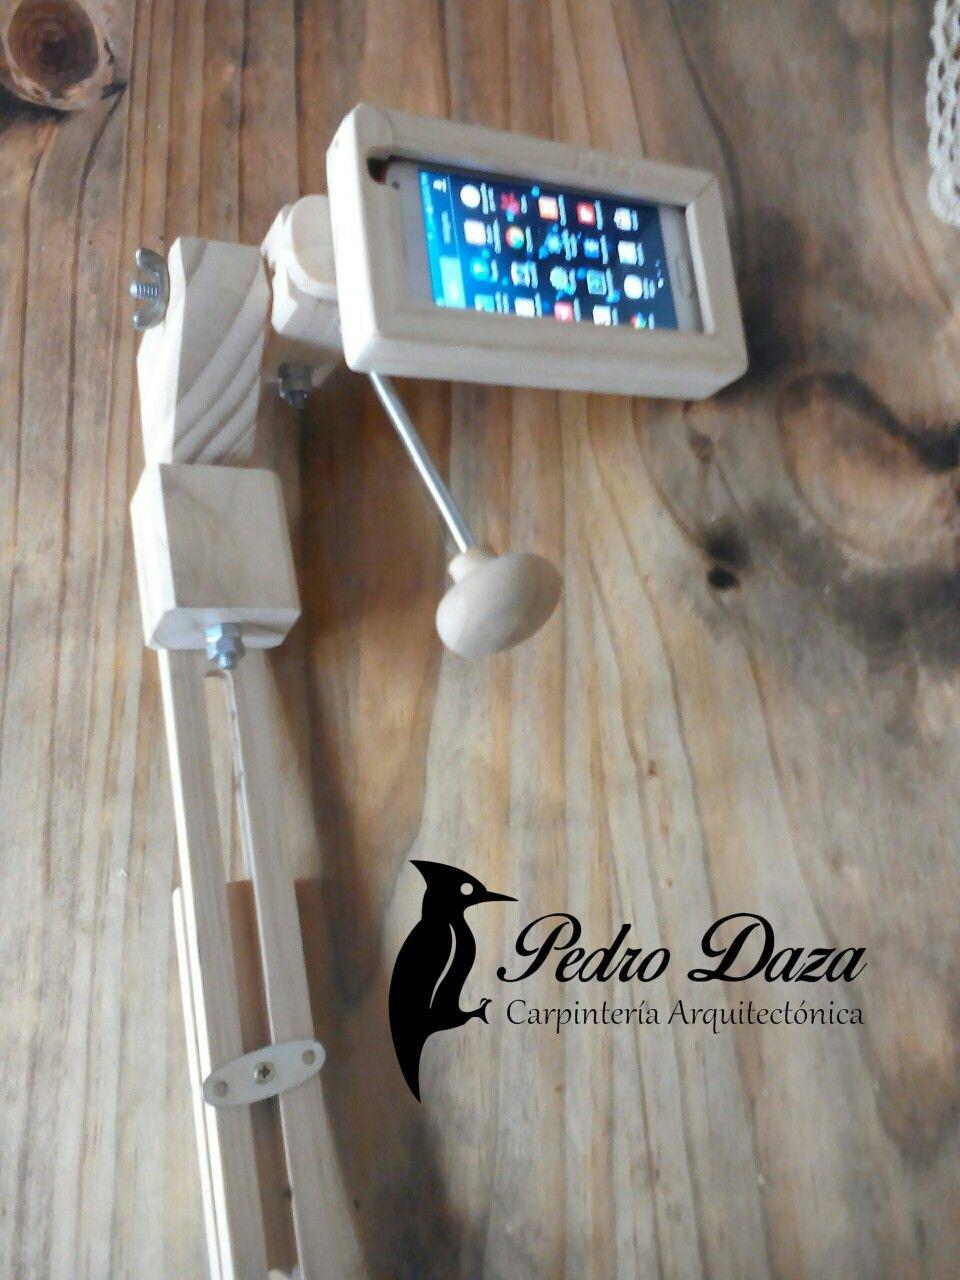 Accesorio Para Grabar Videos Con Telefono Celular Graduable Madera Pino Carpinteria Electronic Products Bathroom Scale